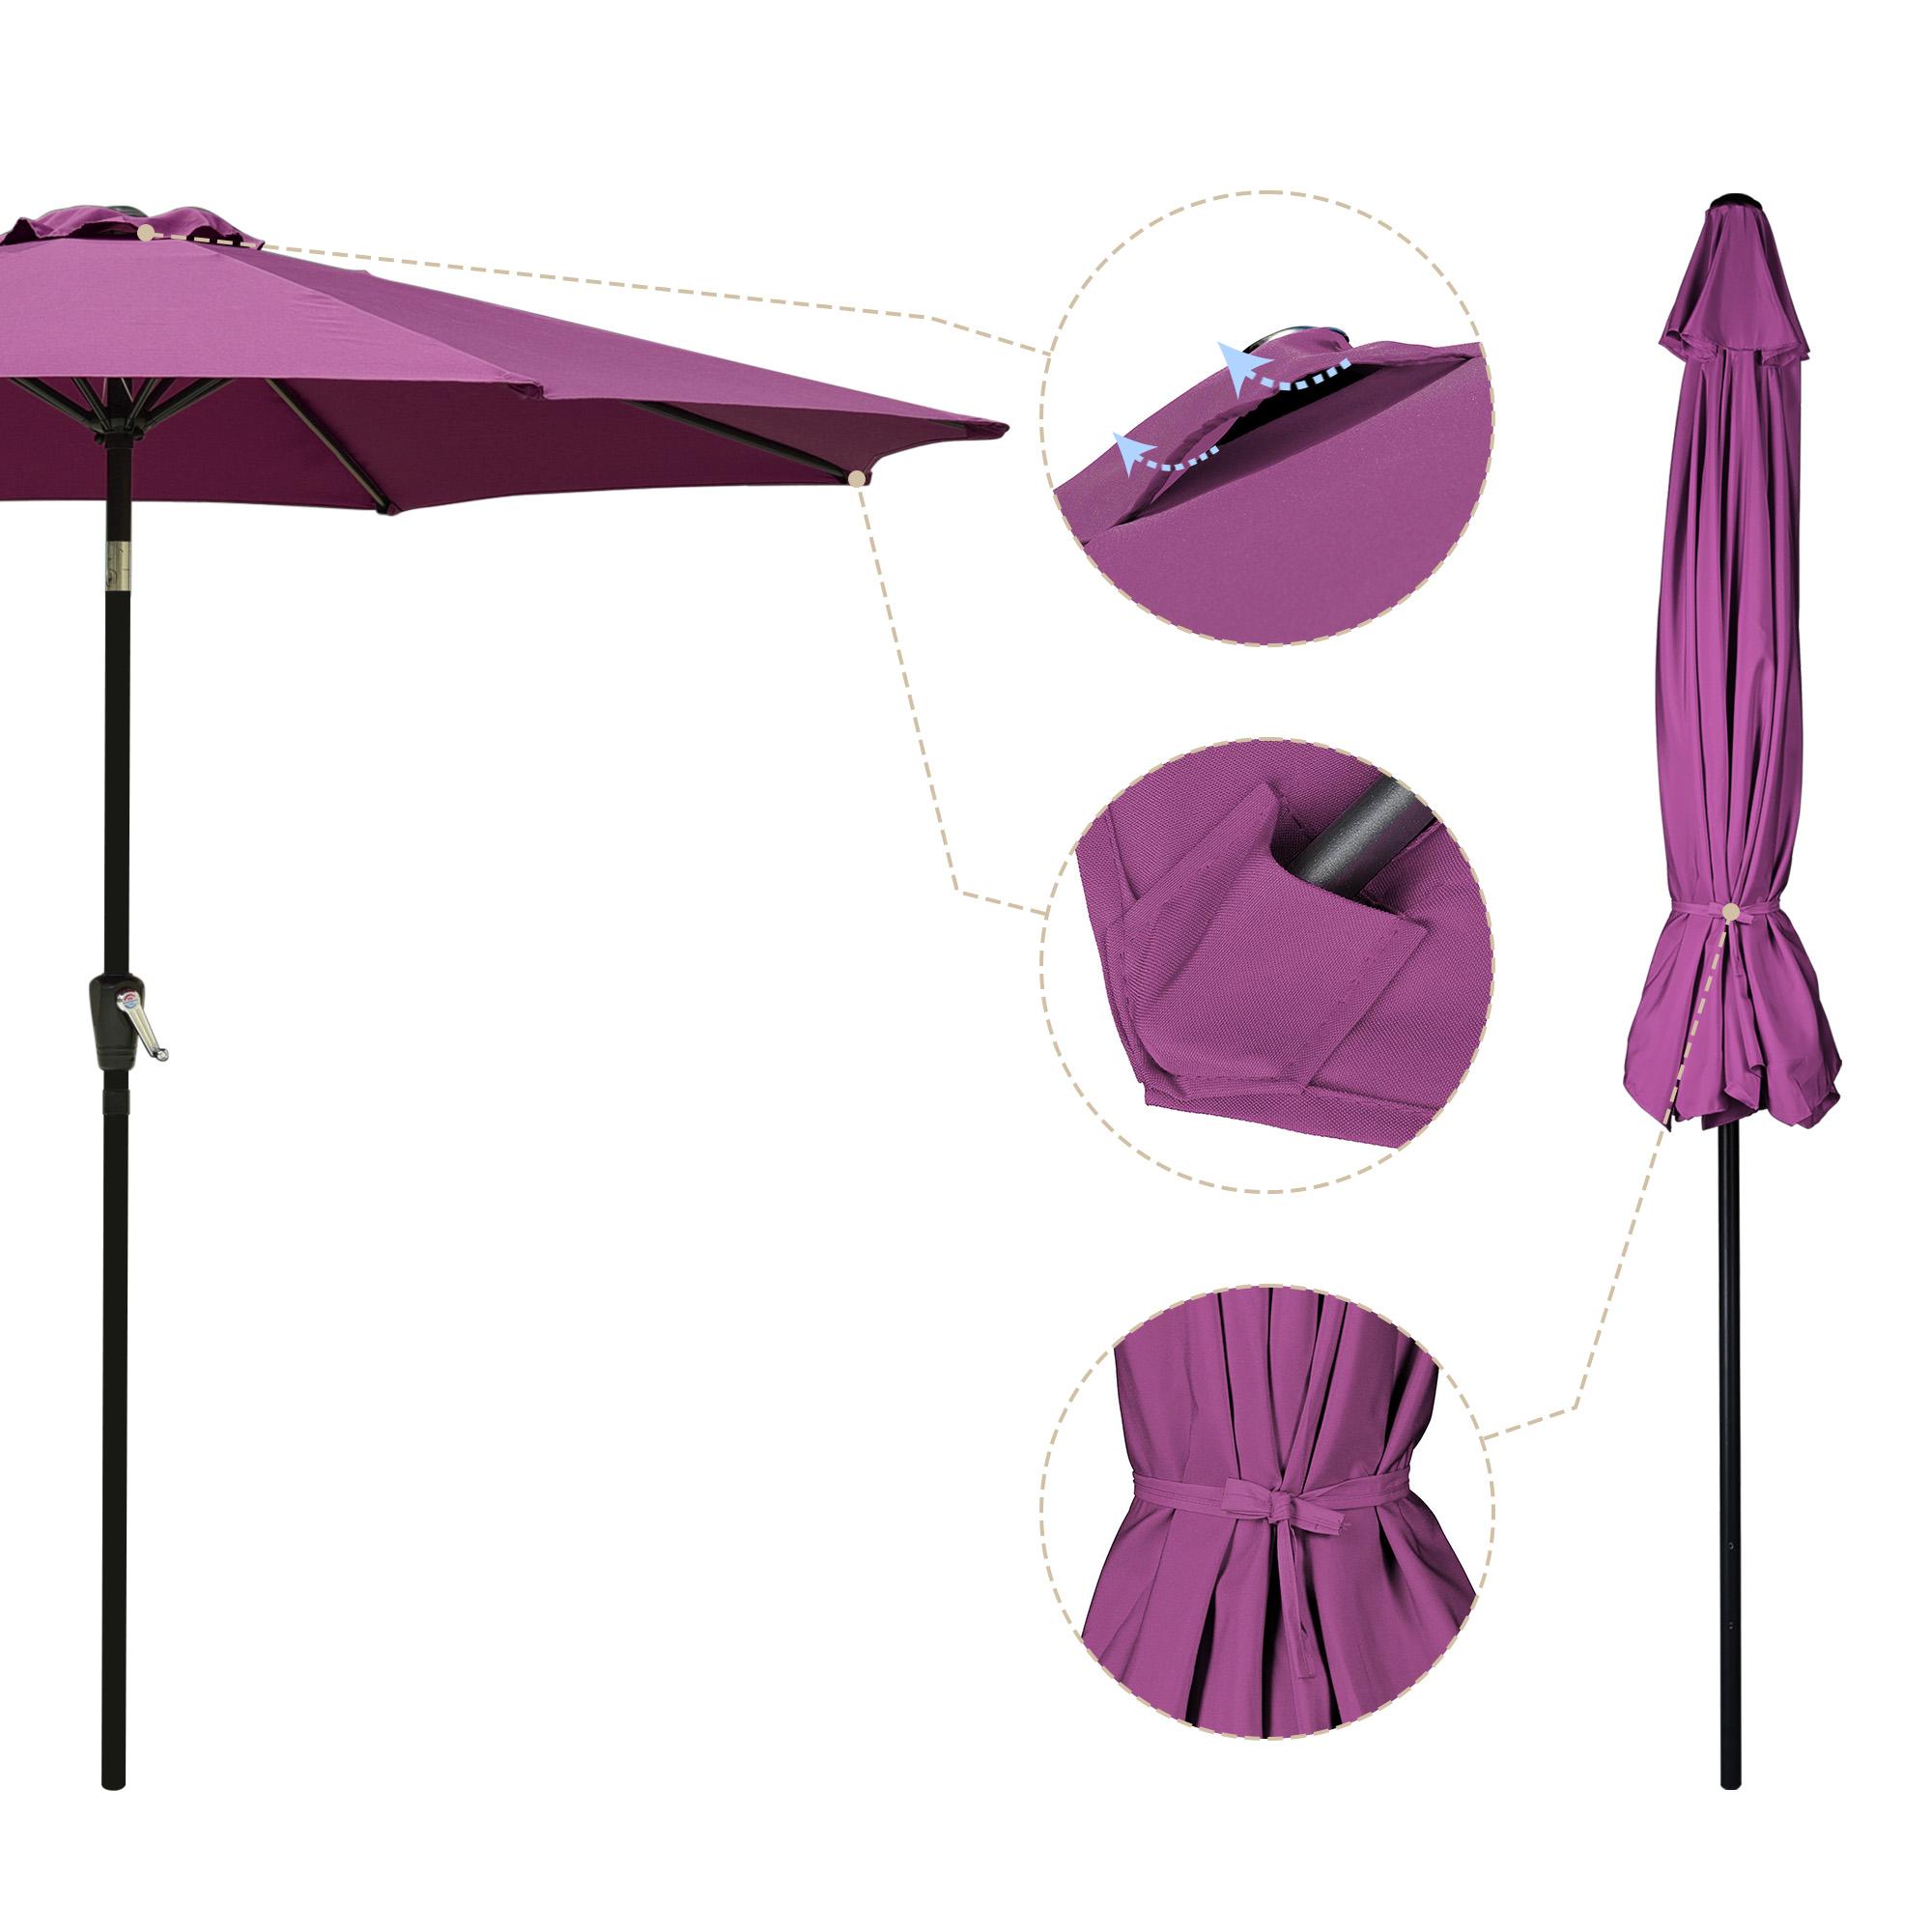 thumbnail 83 - 9' Outdoor Umbrella Patio 8 Ribs Market Garden Crank Tilt Beach Sunshade Parasol